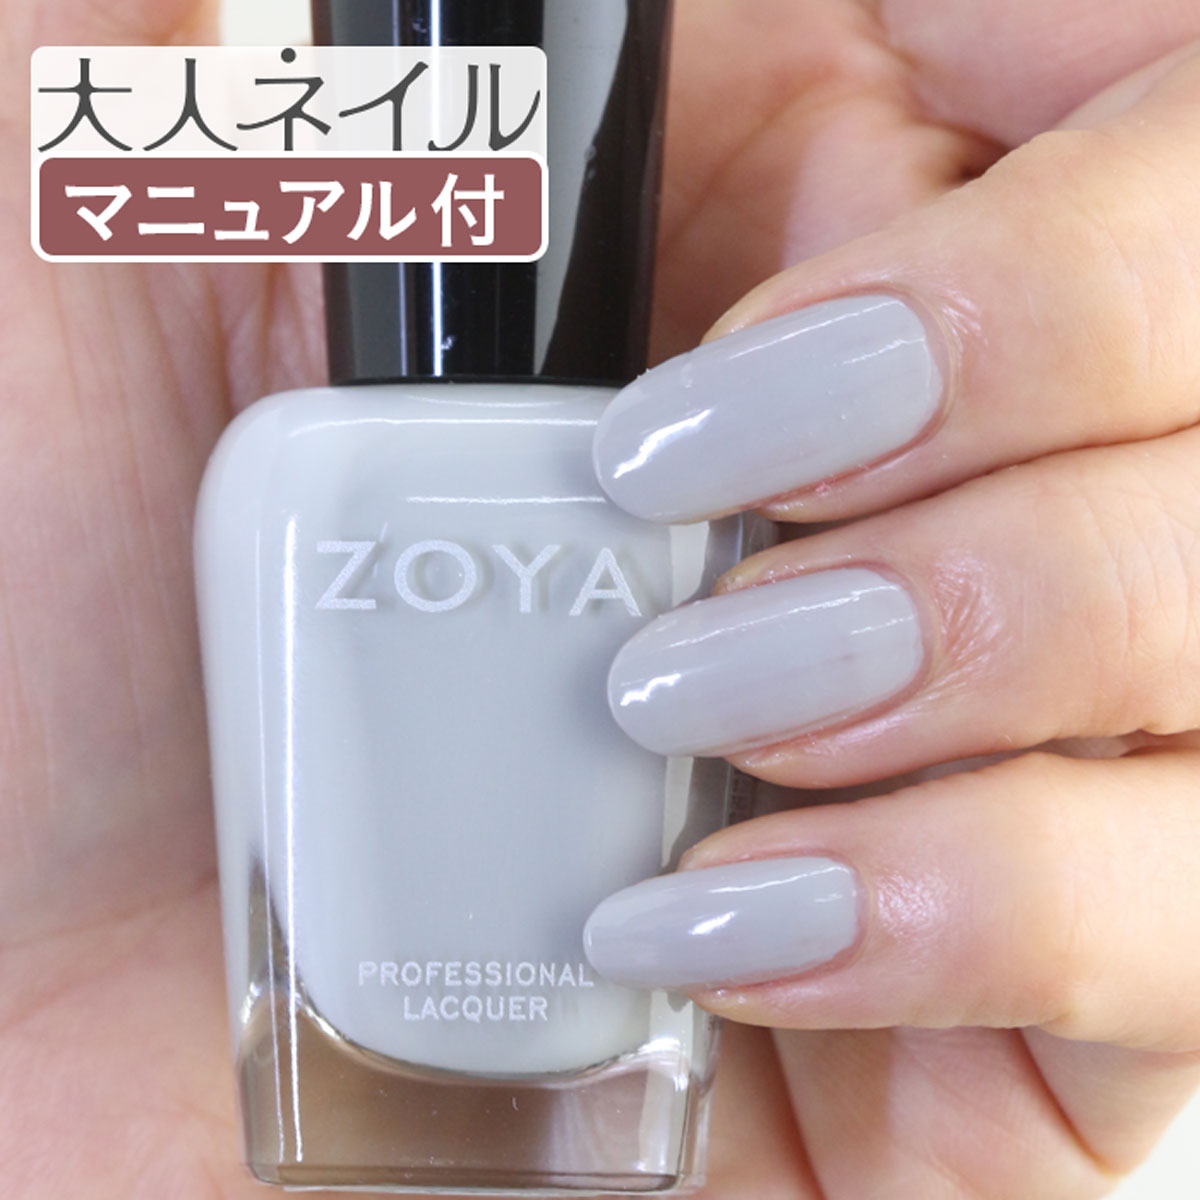 ZOYA ゾーヤ ゾヤ ネイルカラー ZP541 15mL DOVE ドーヴ 自爪 の為に作られた ネイル にやさしい 自然派 マニキュア zoya セルフネイル にもおすすめ グレー トップ10 人気色 くすみパステル